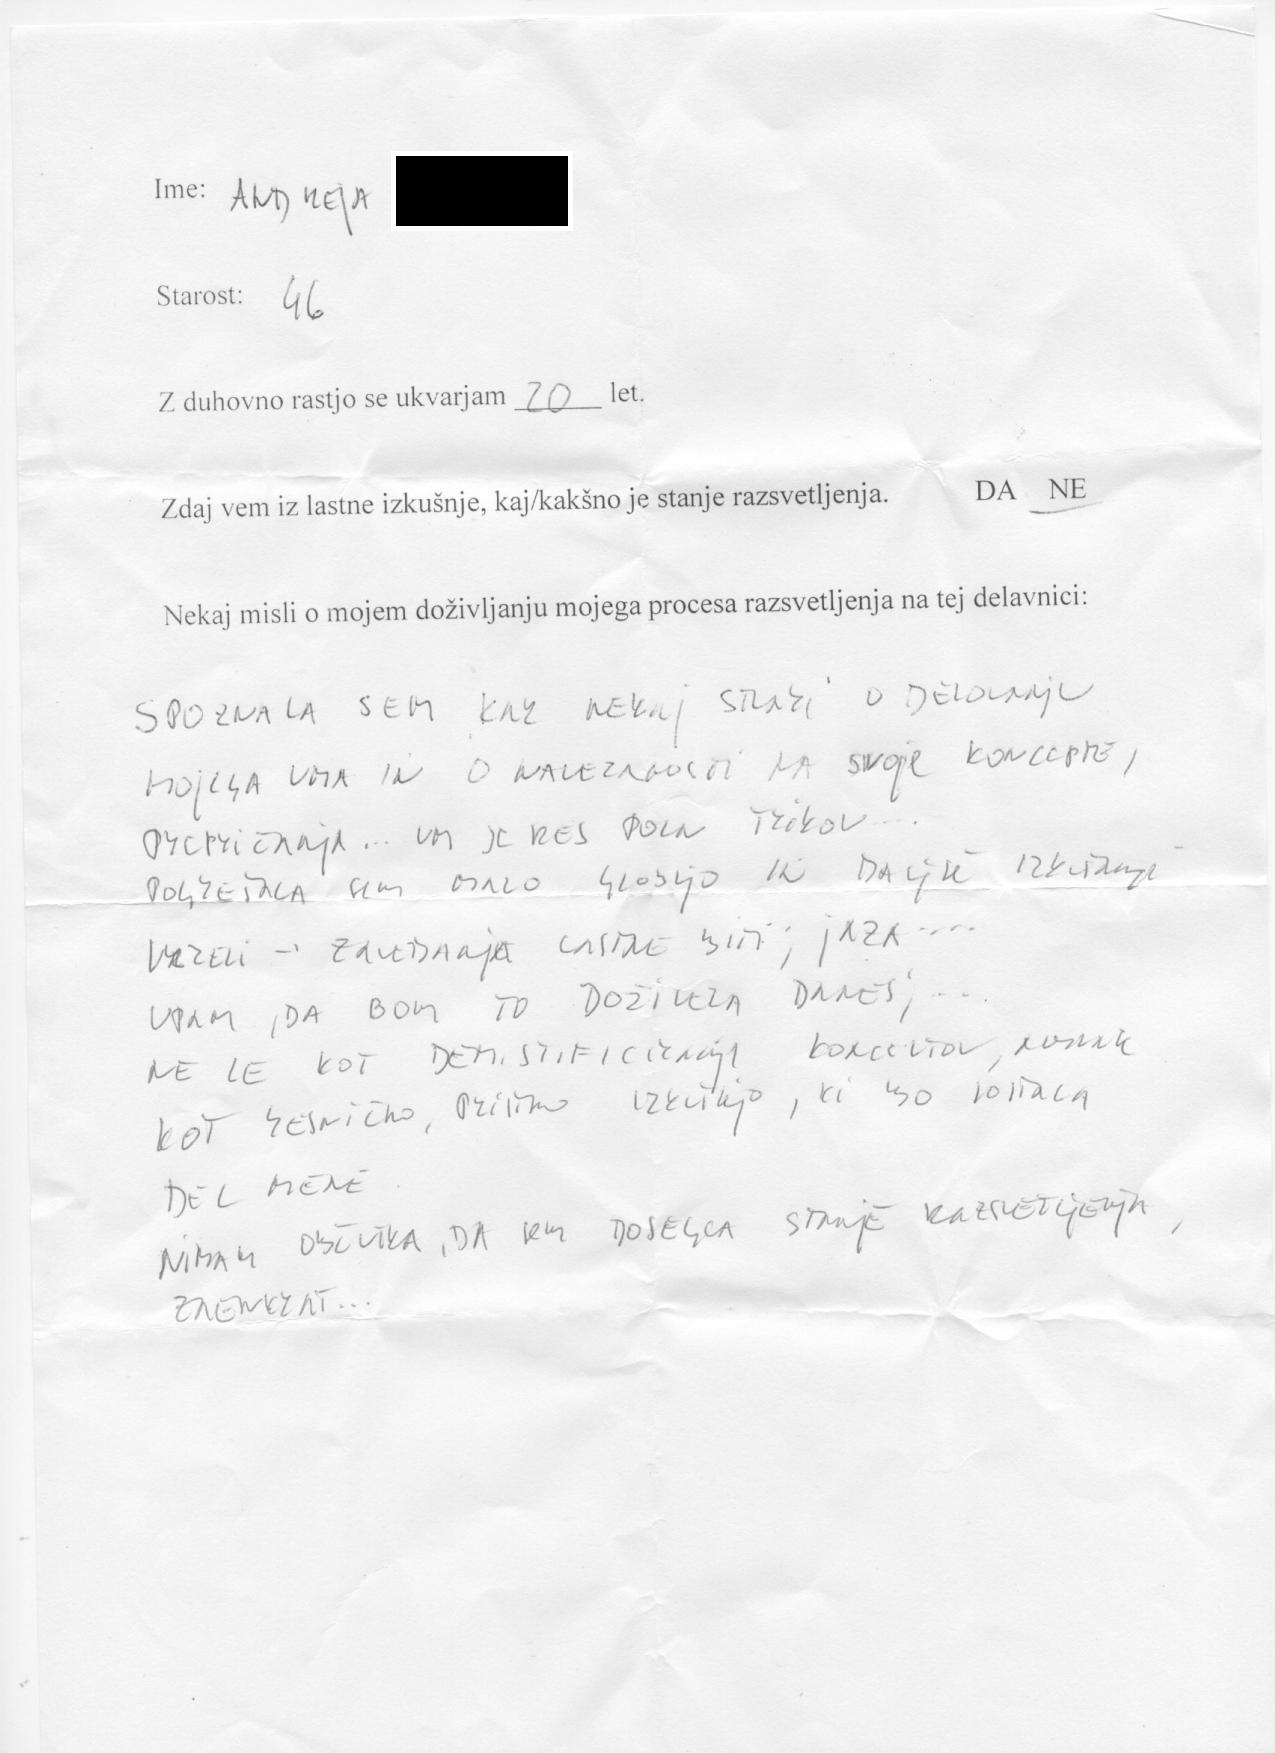 izjave z delavnice za razsvetljenje v LJ